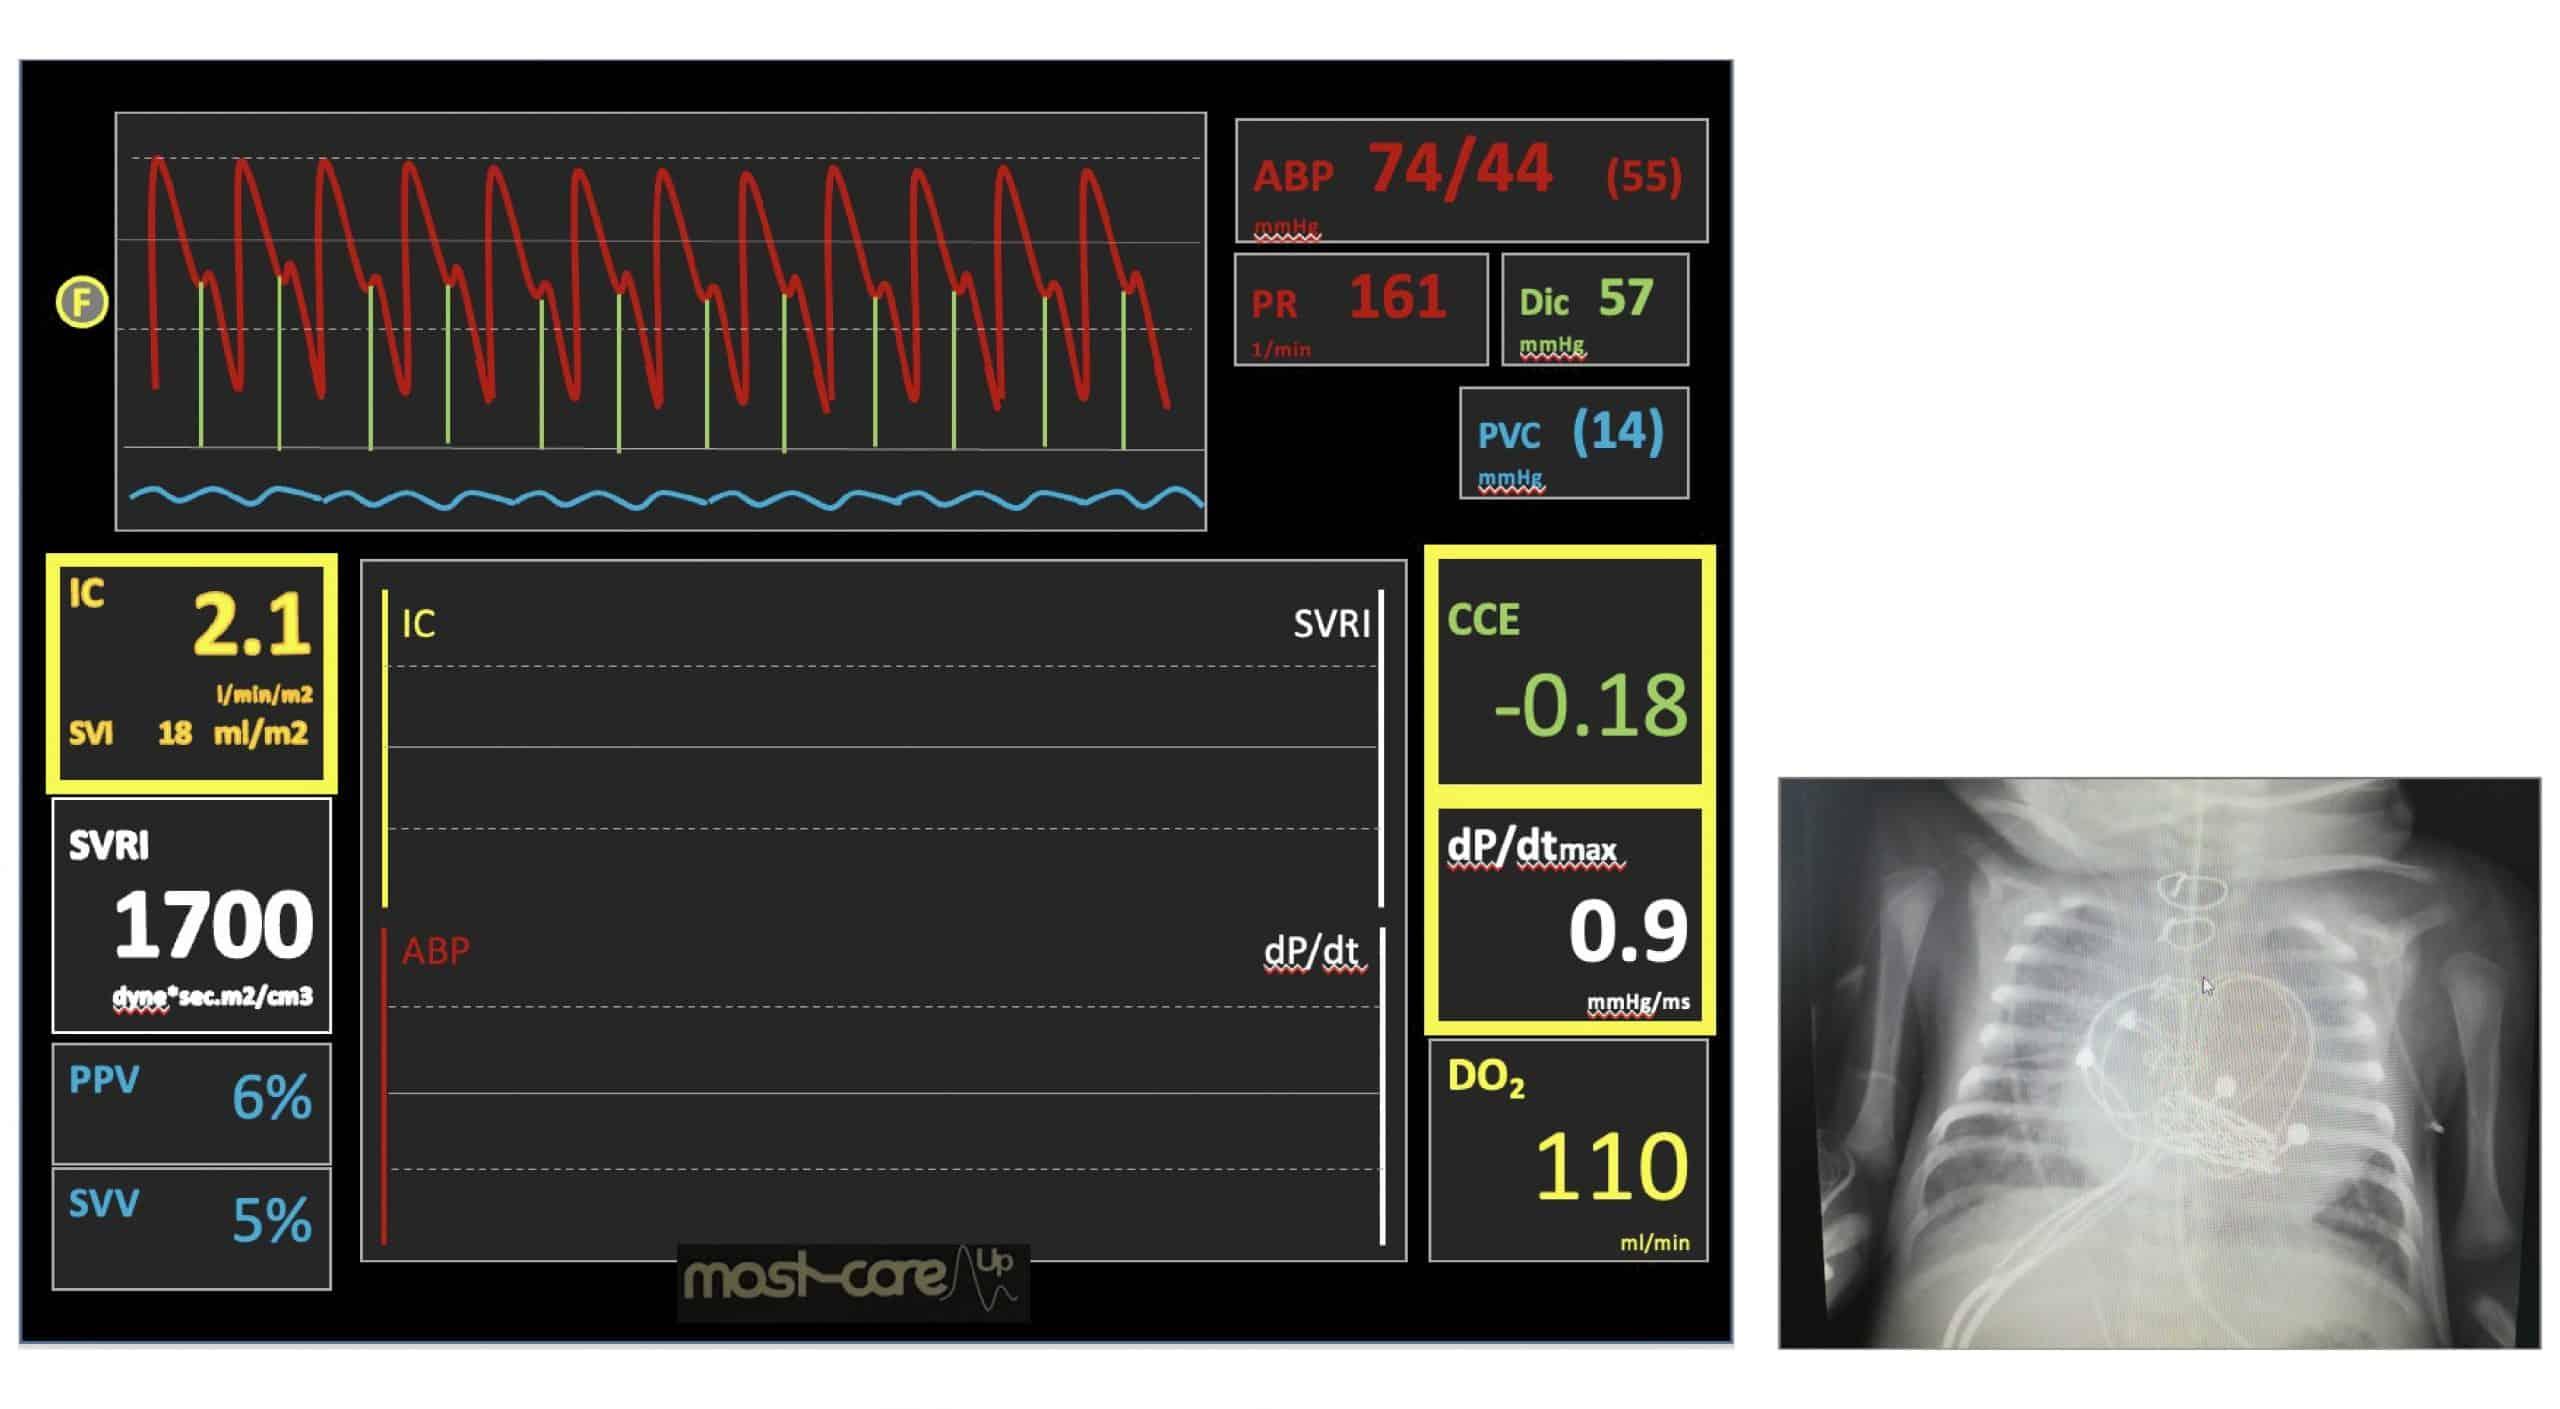 monitorización cx cardíaca ped